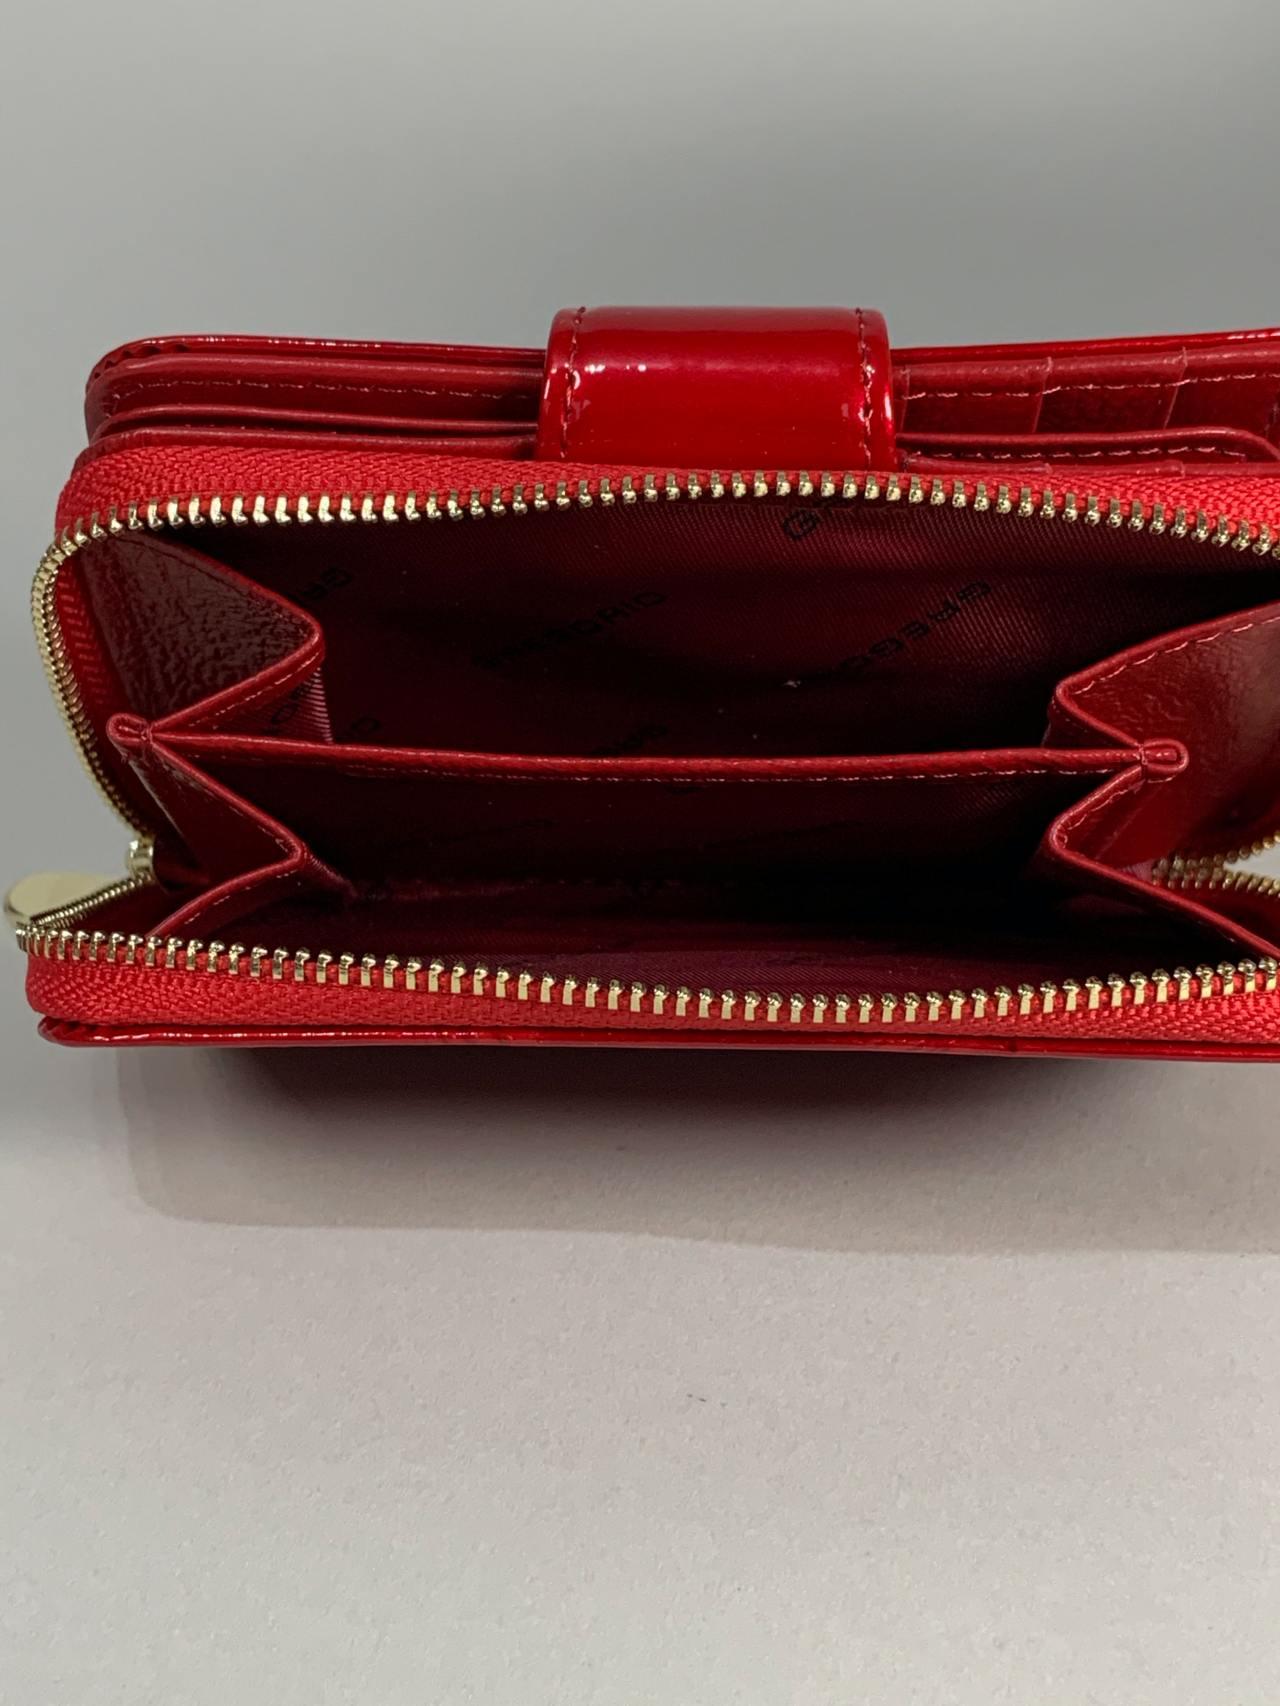 Kožená peněženka Gregorio S červená s motýly -05